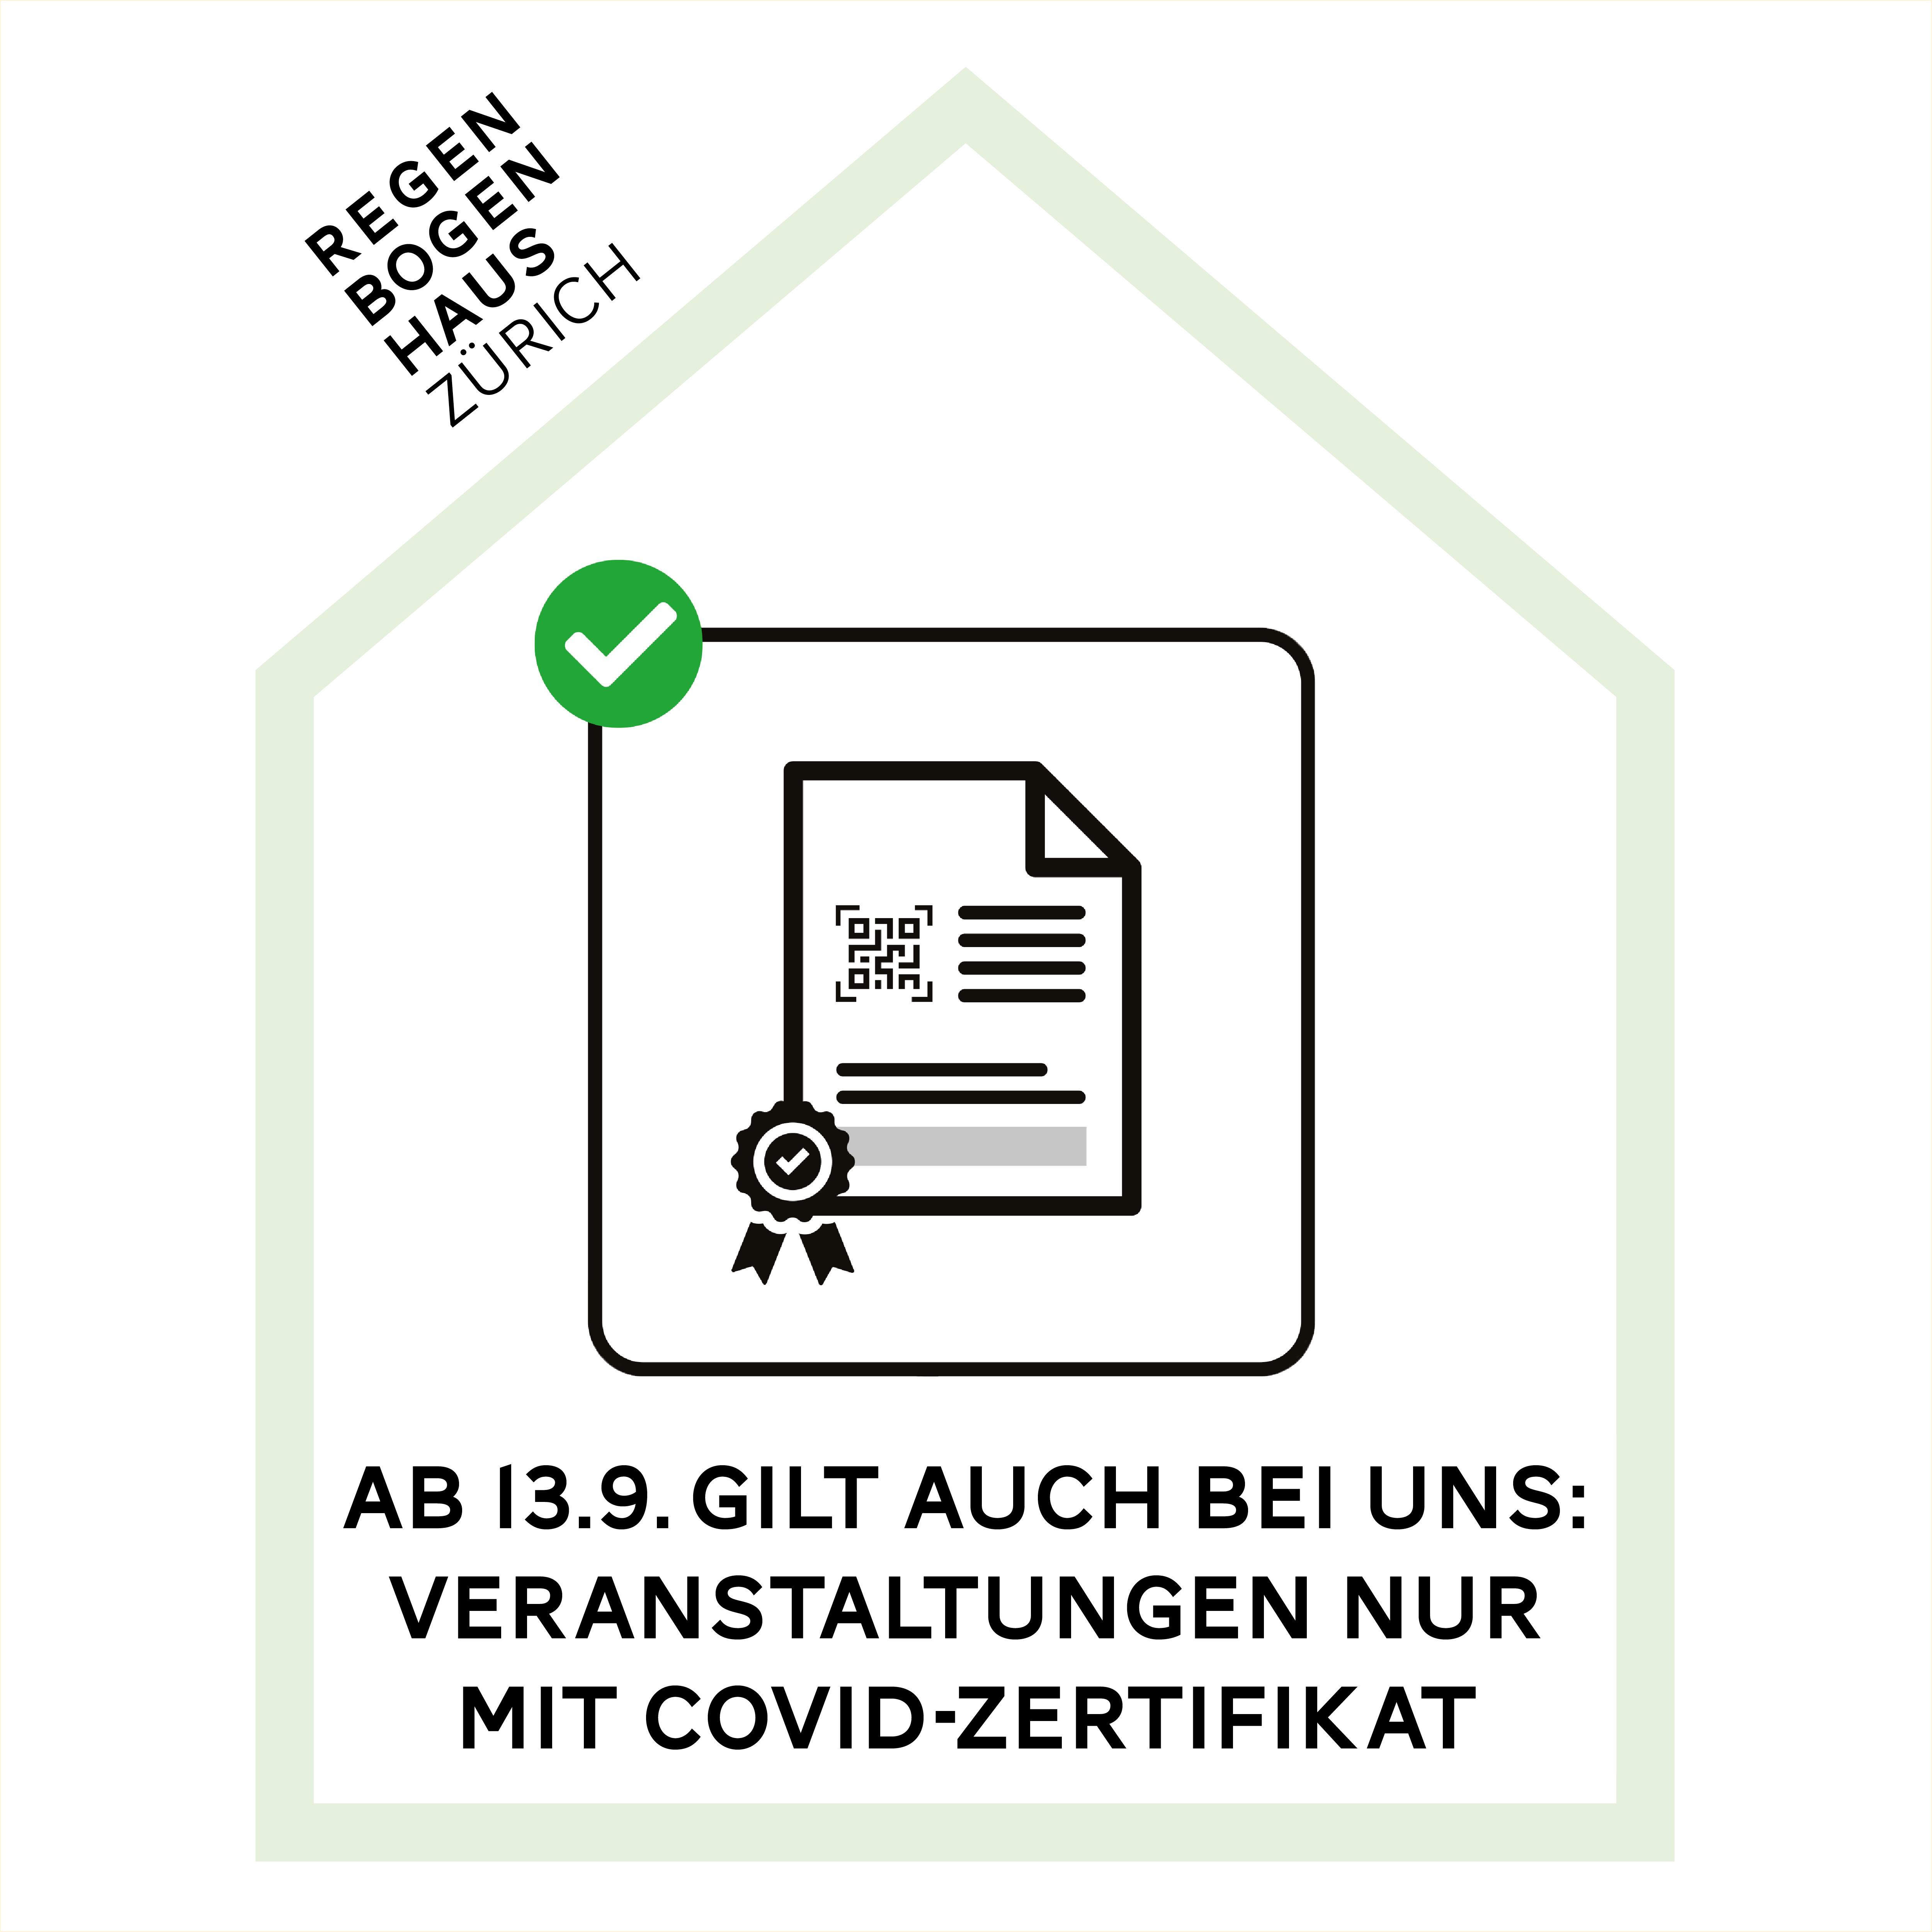 Silhouette Regenbogenhaus mit Zertifikats-Icon und Text: Ab 13.9. gilt auch bei uns: Veranstaltungen nur mit Covid-Zertifikat.